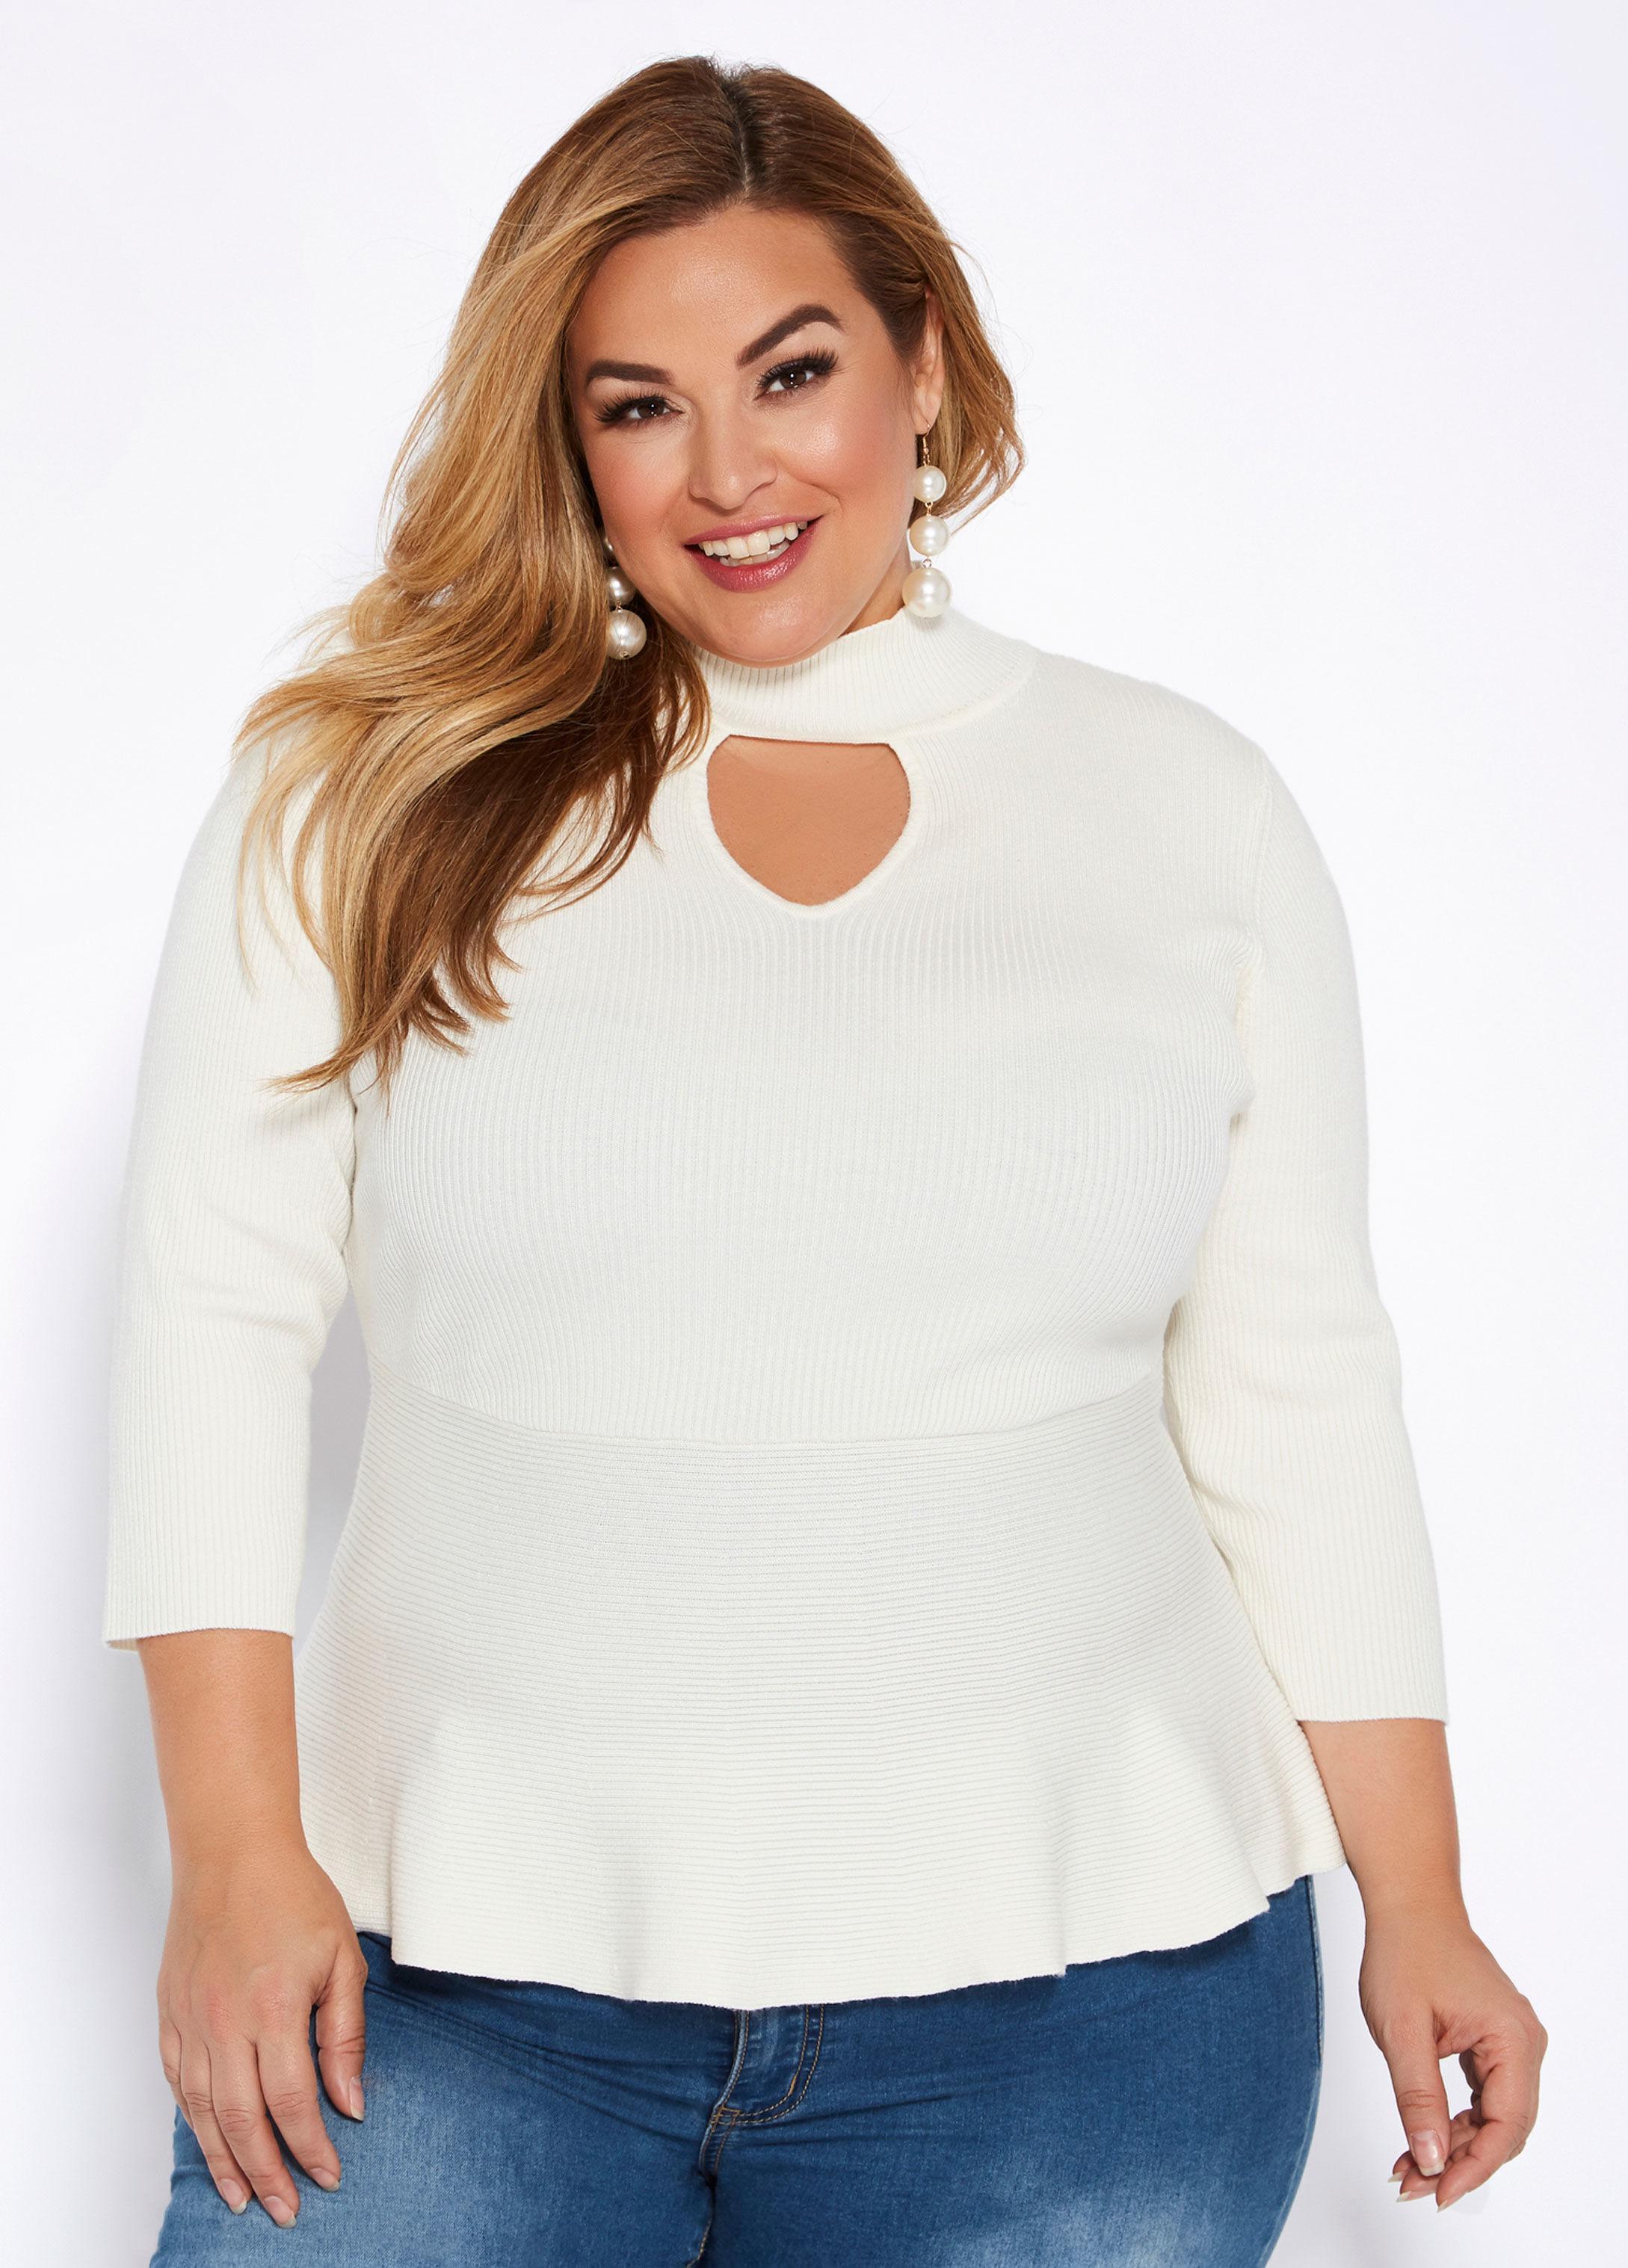 07edfd2a0 Lyst - Ashley Stewart Plus Size Mock Neck Peplum Sweater in White